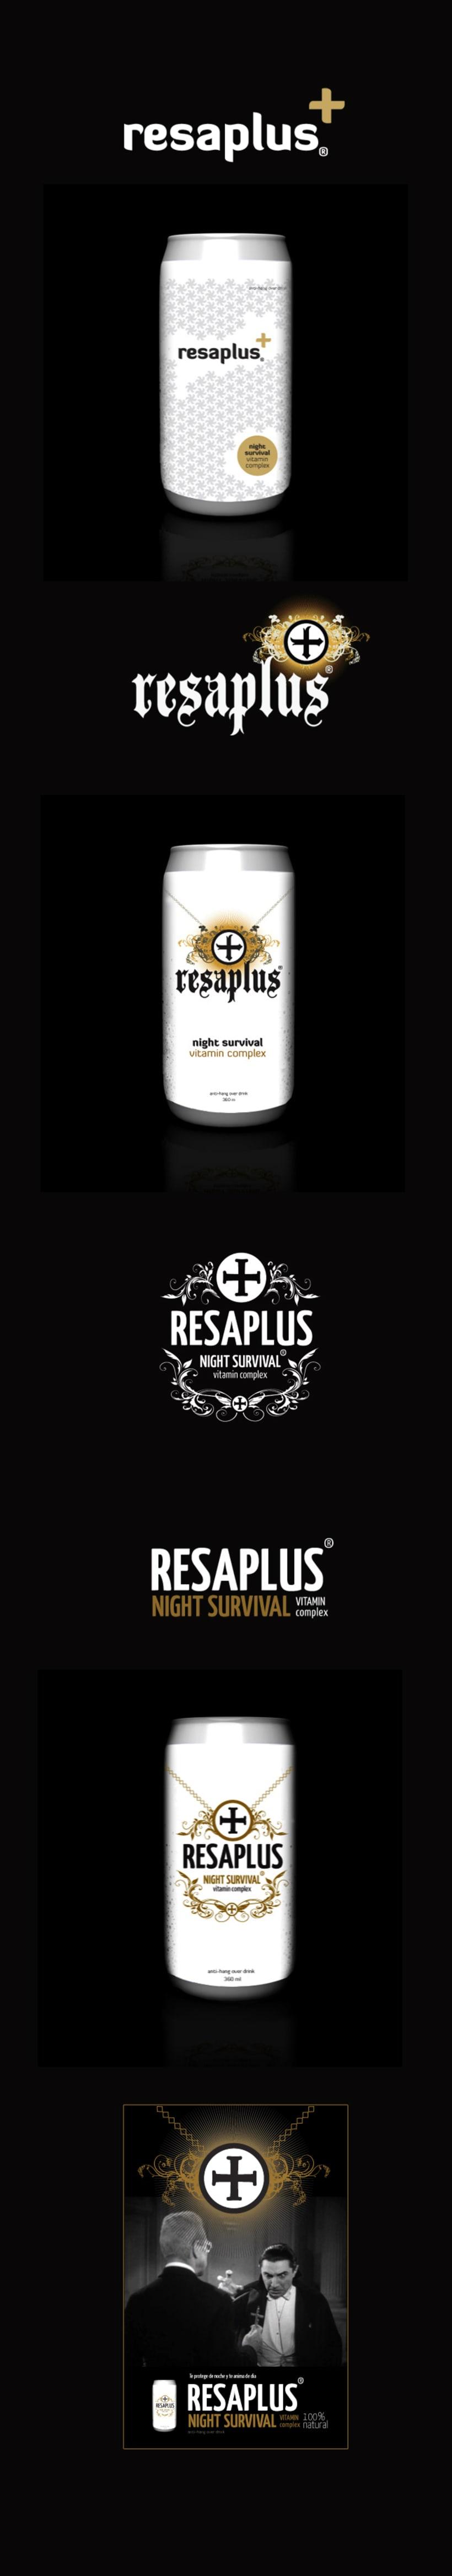 Resaplus Bebida Anti-resaca 2